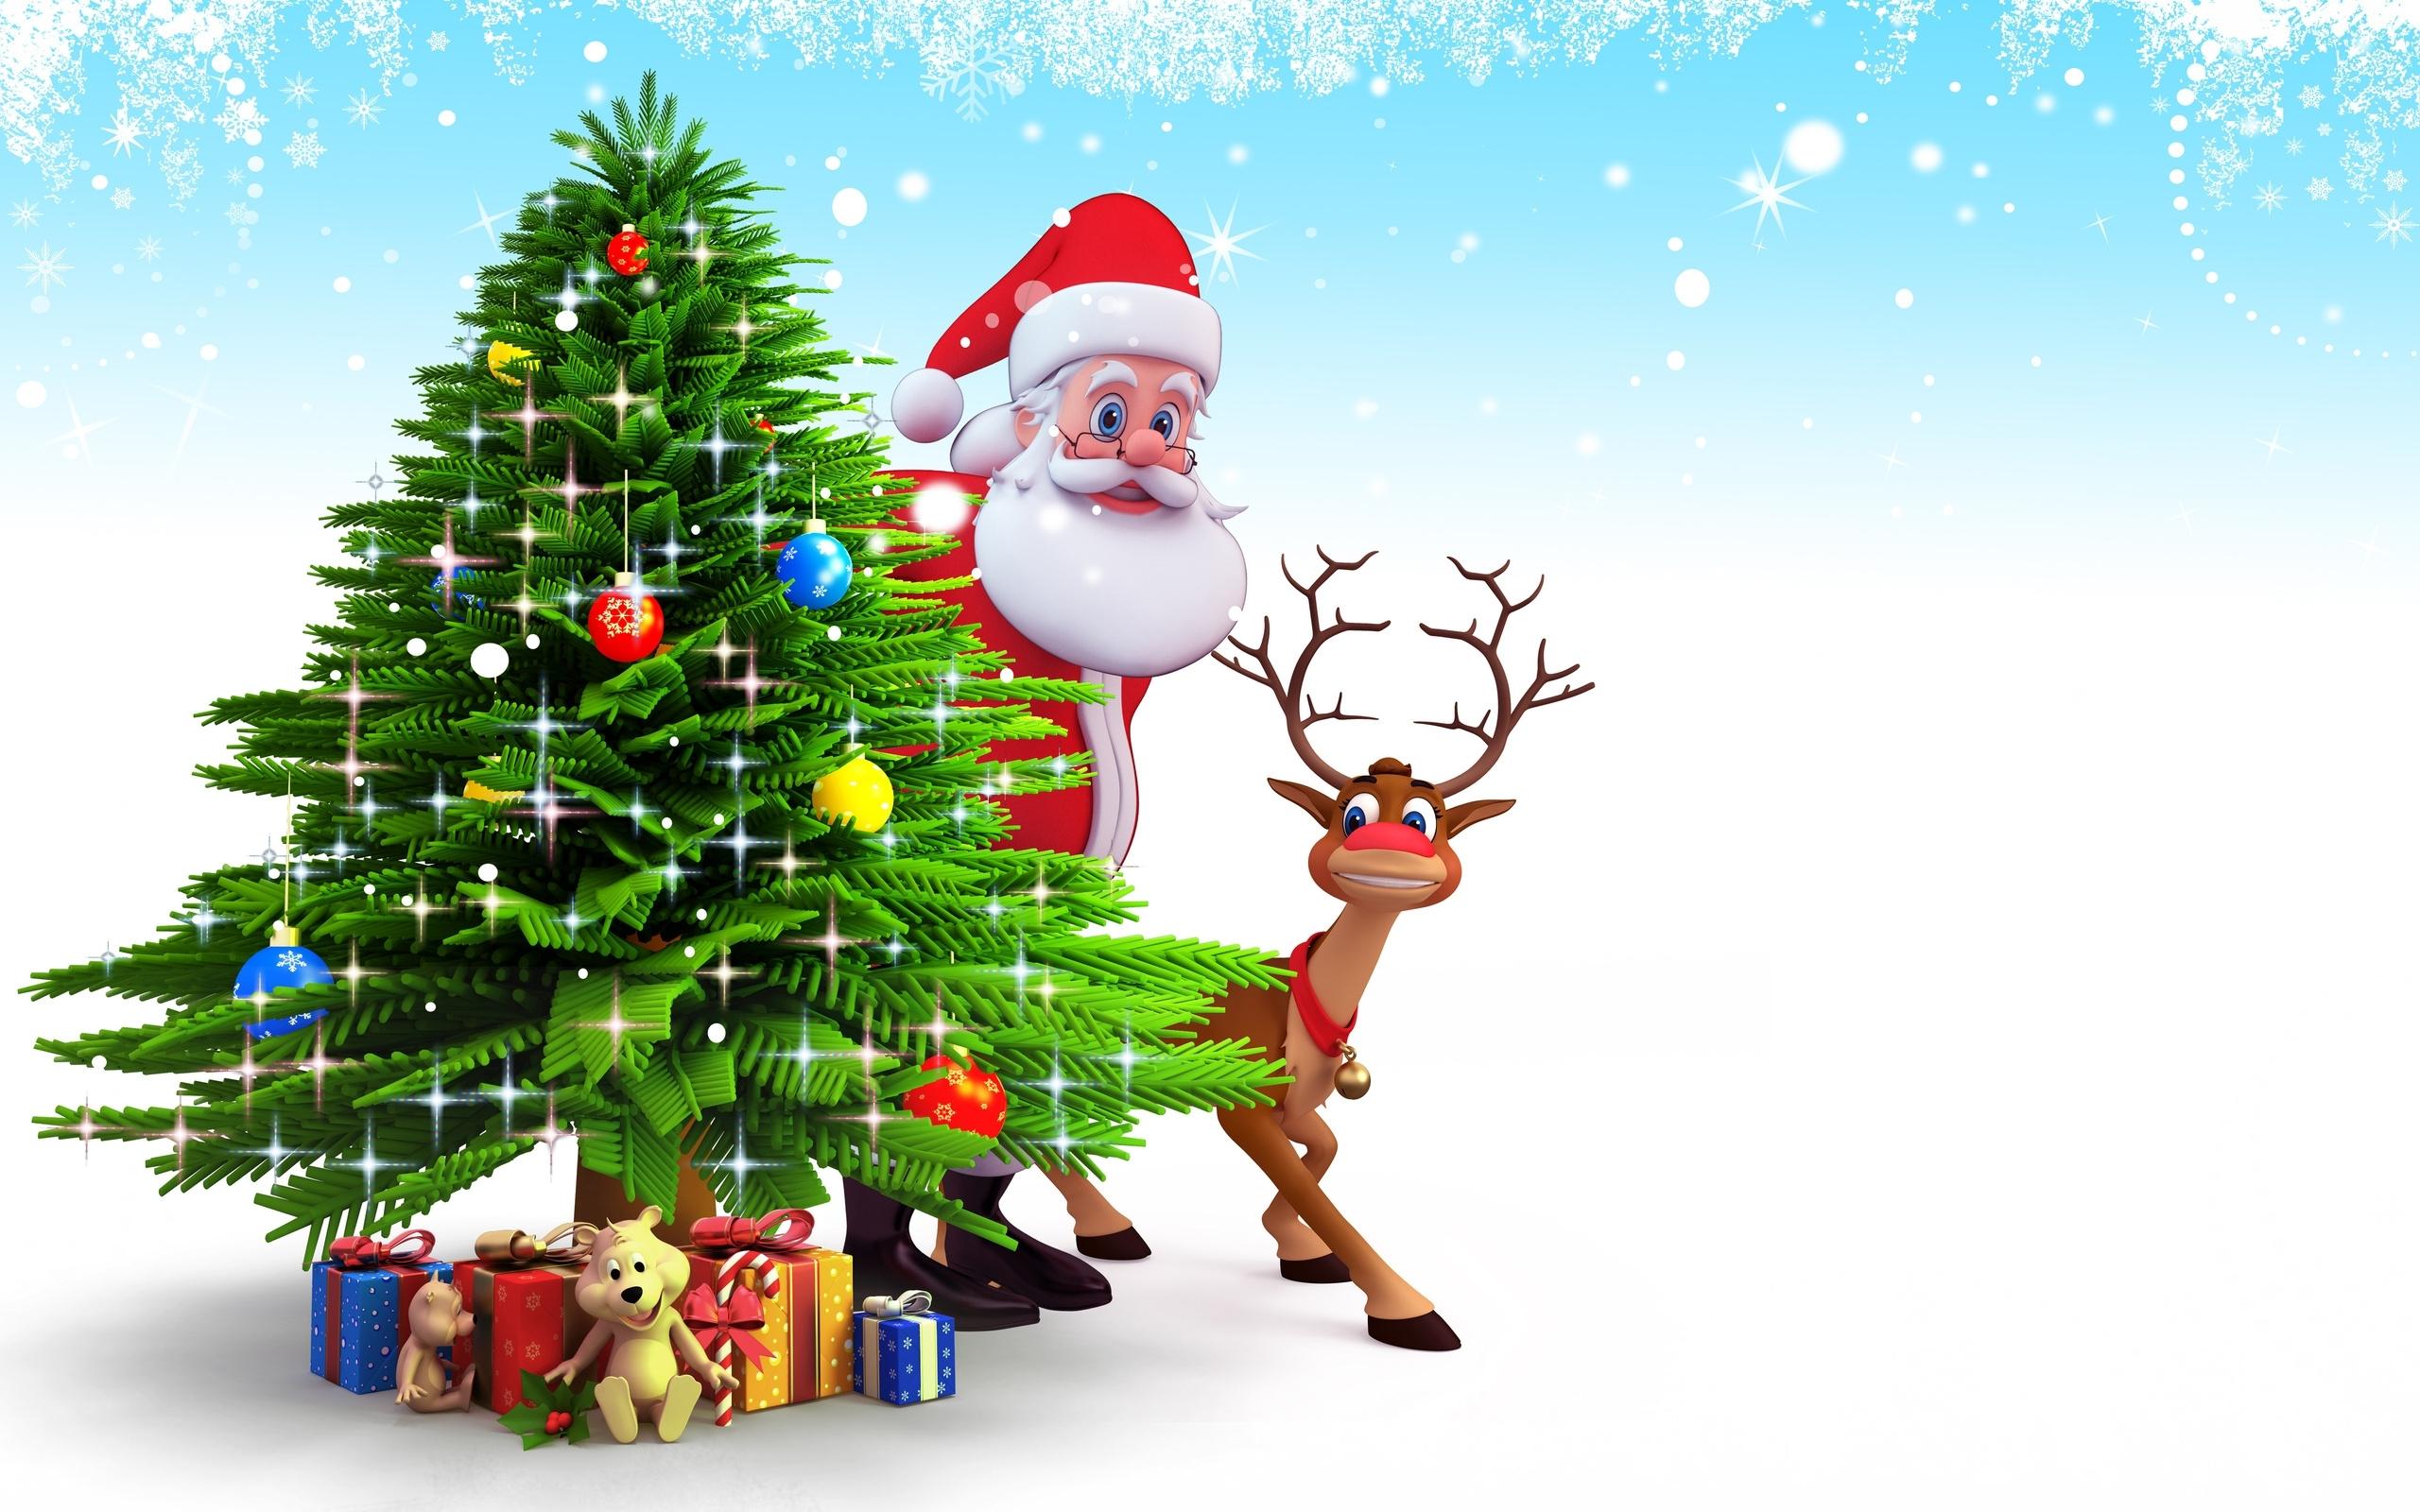 cute n beautiful santa claus wallpaper for your desktop and mobile phone